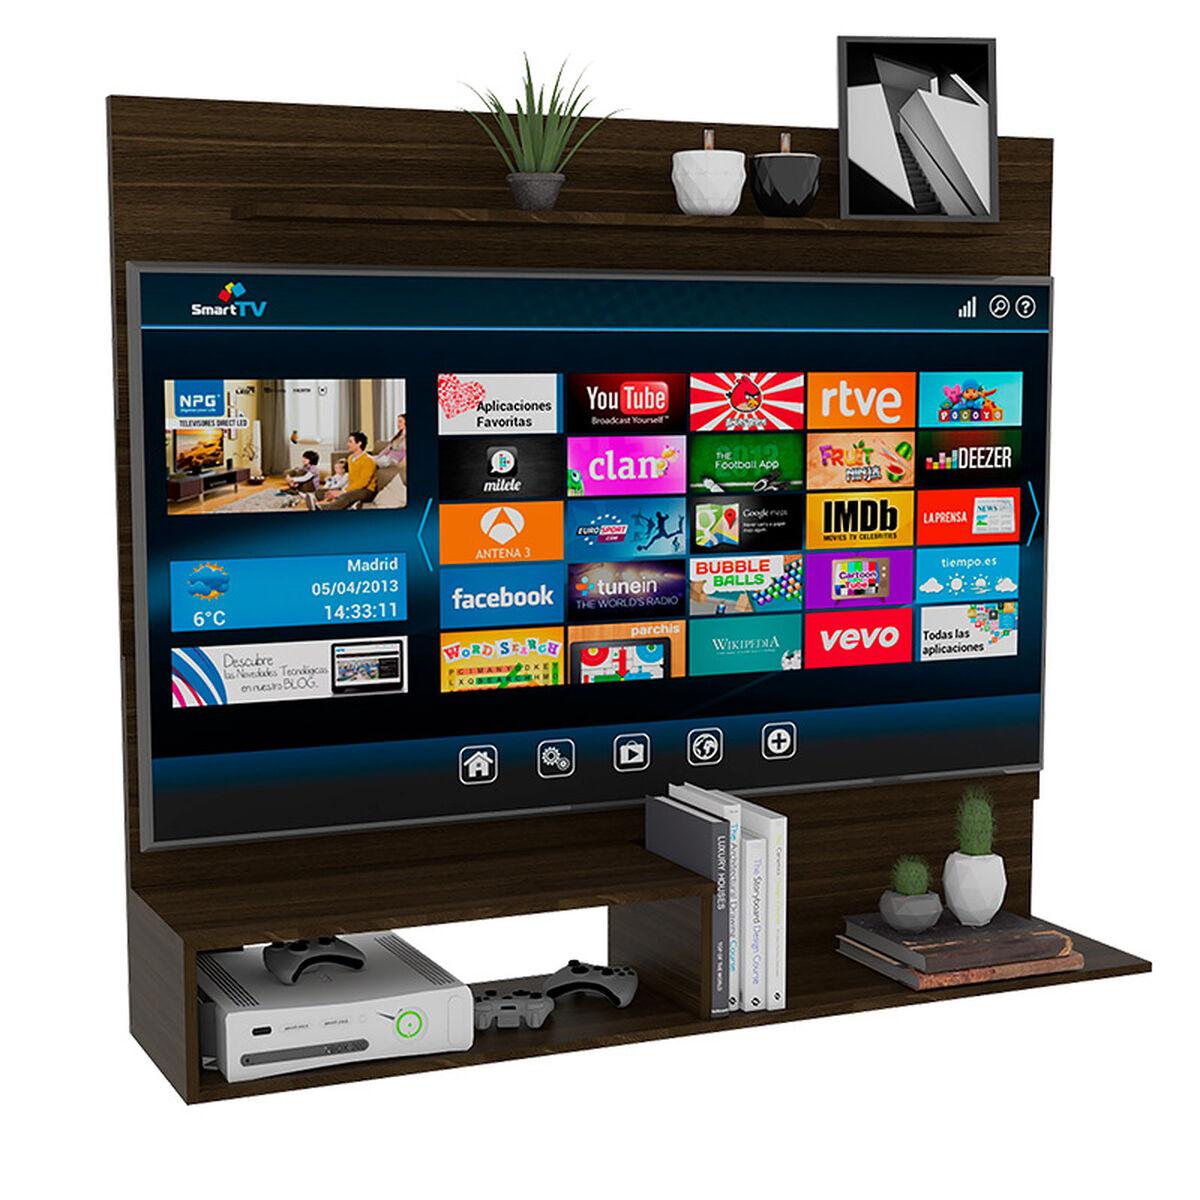 Panel TV Beijing